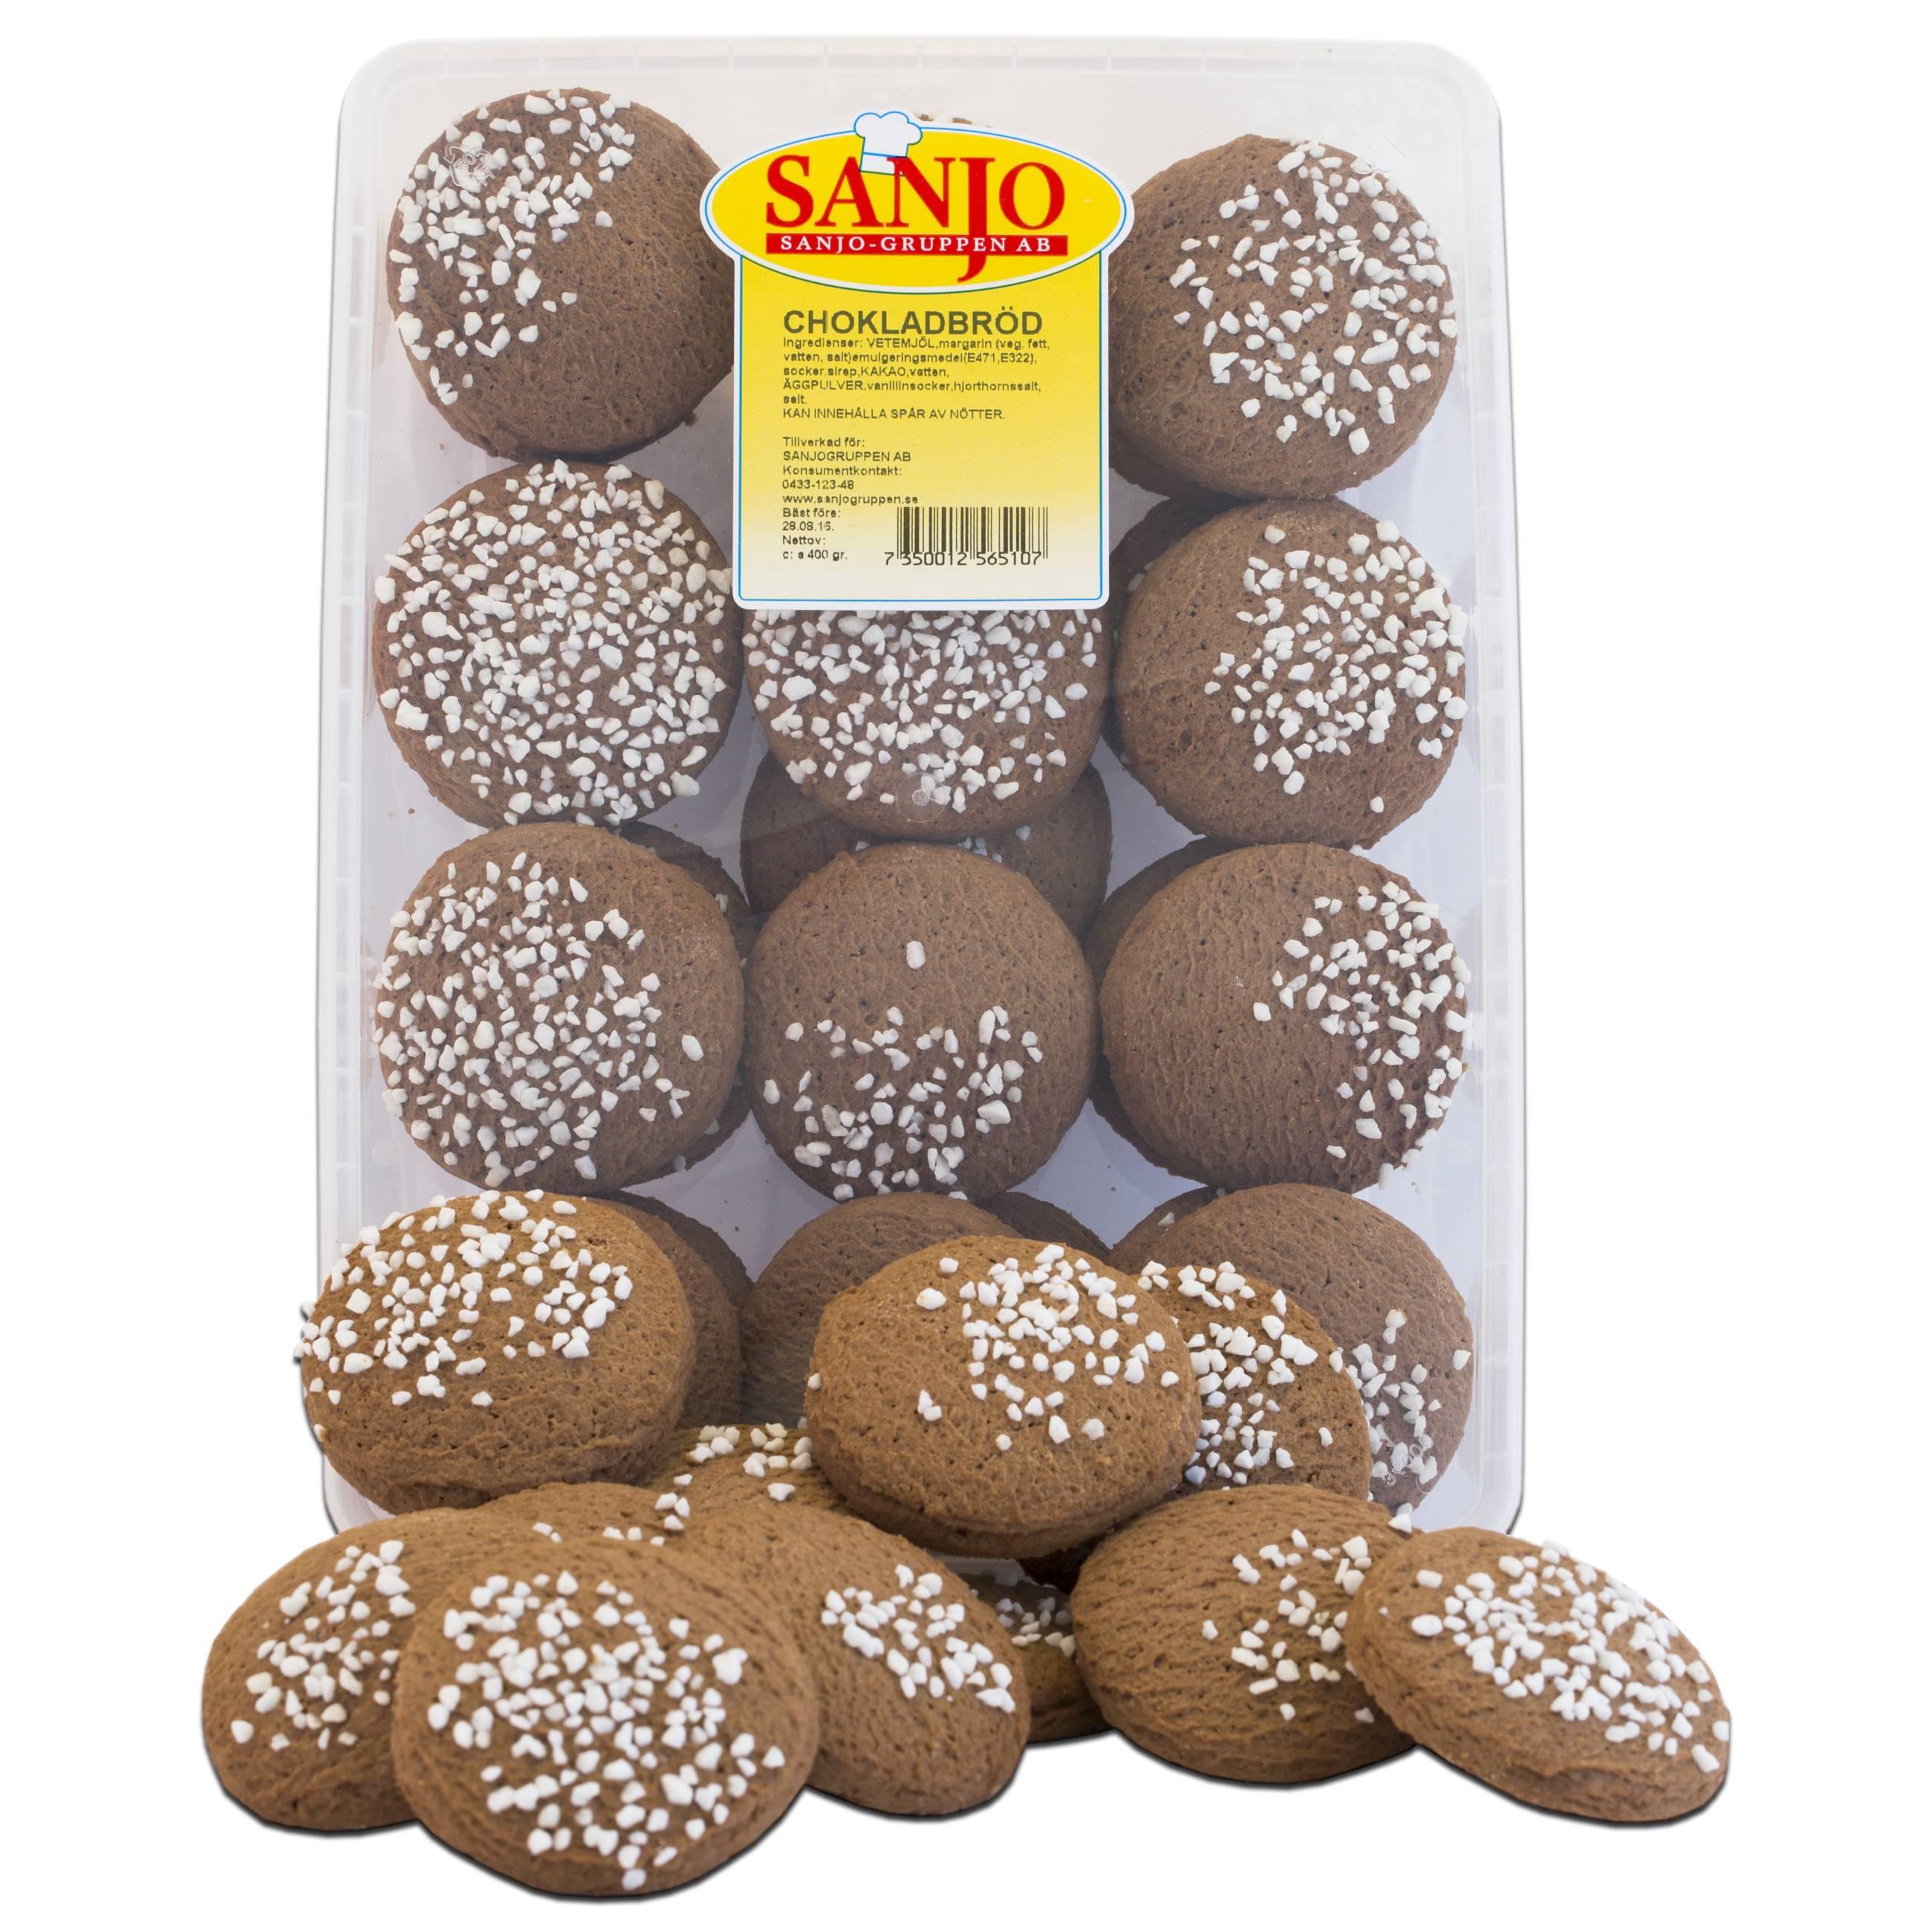 Chokladbröd 350g